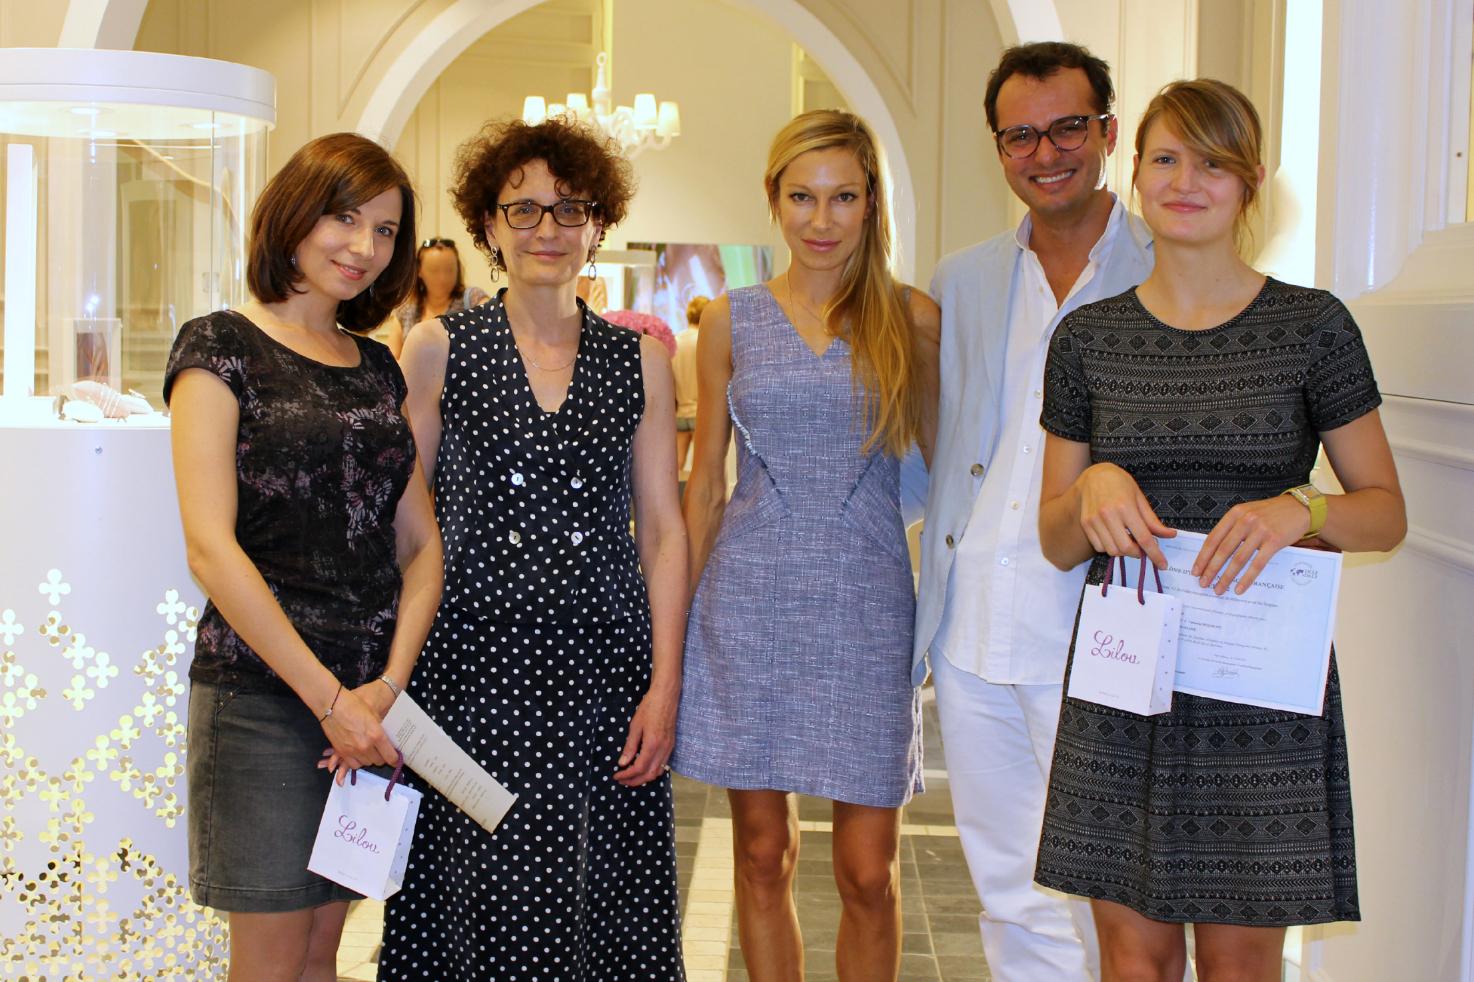 Remise des prix Lilou 2015 à deux étudiantes de l'IFP